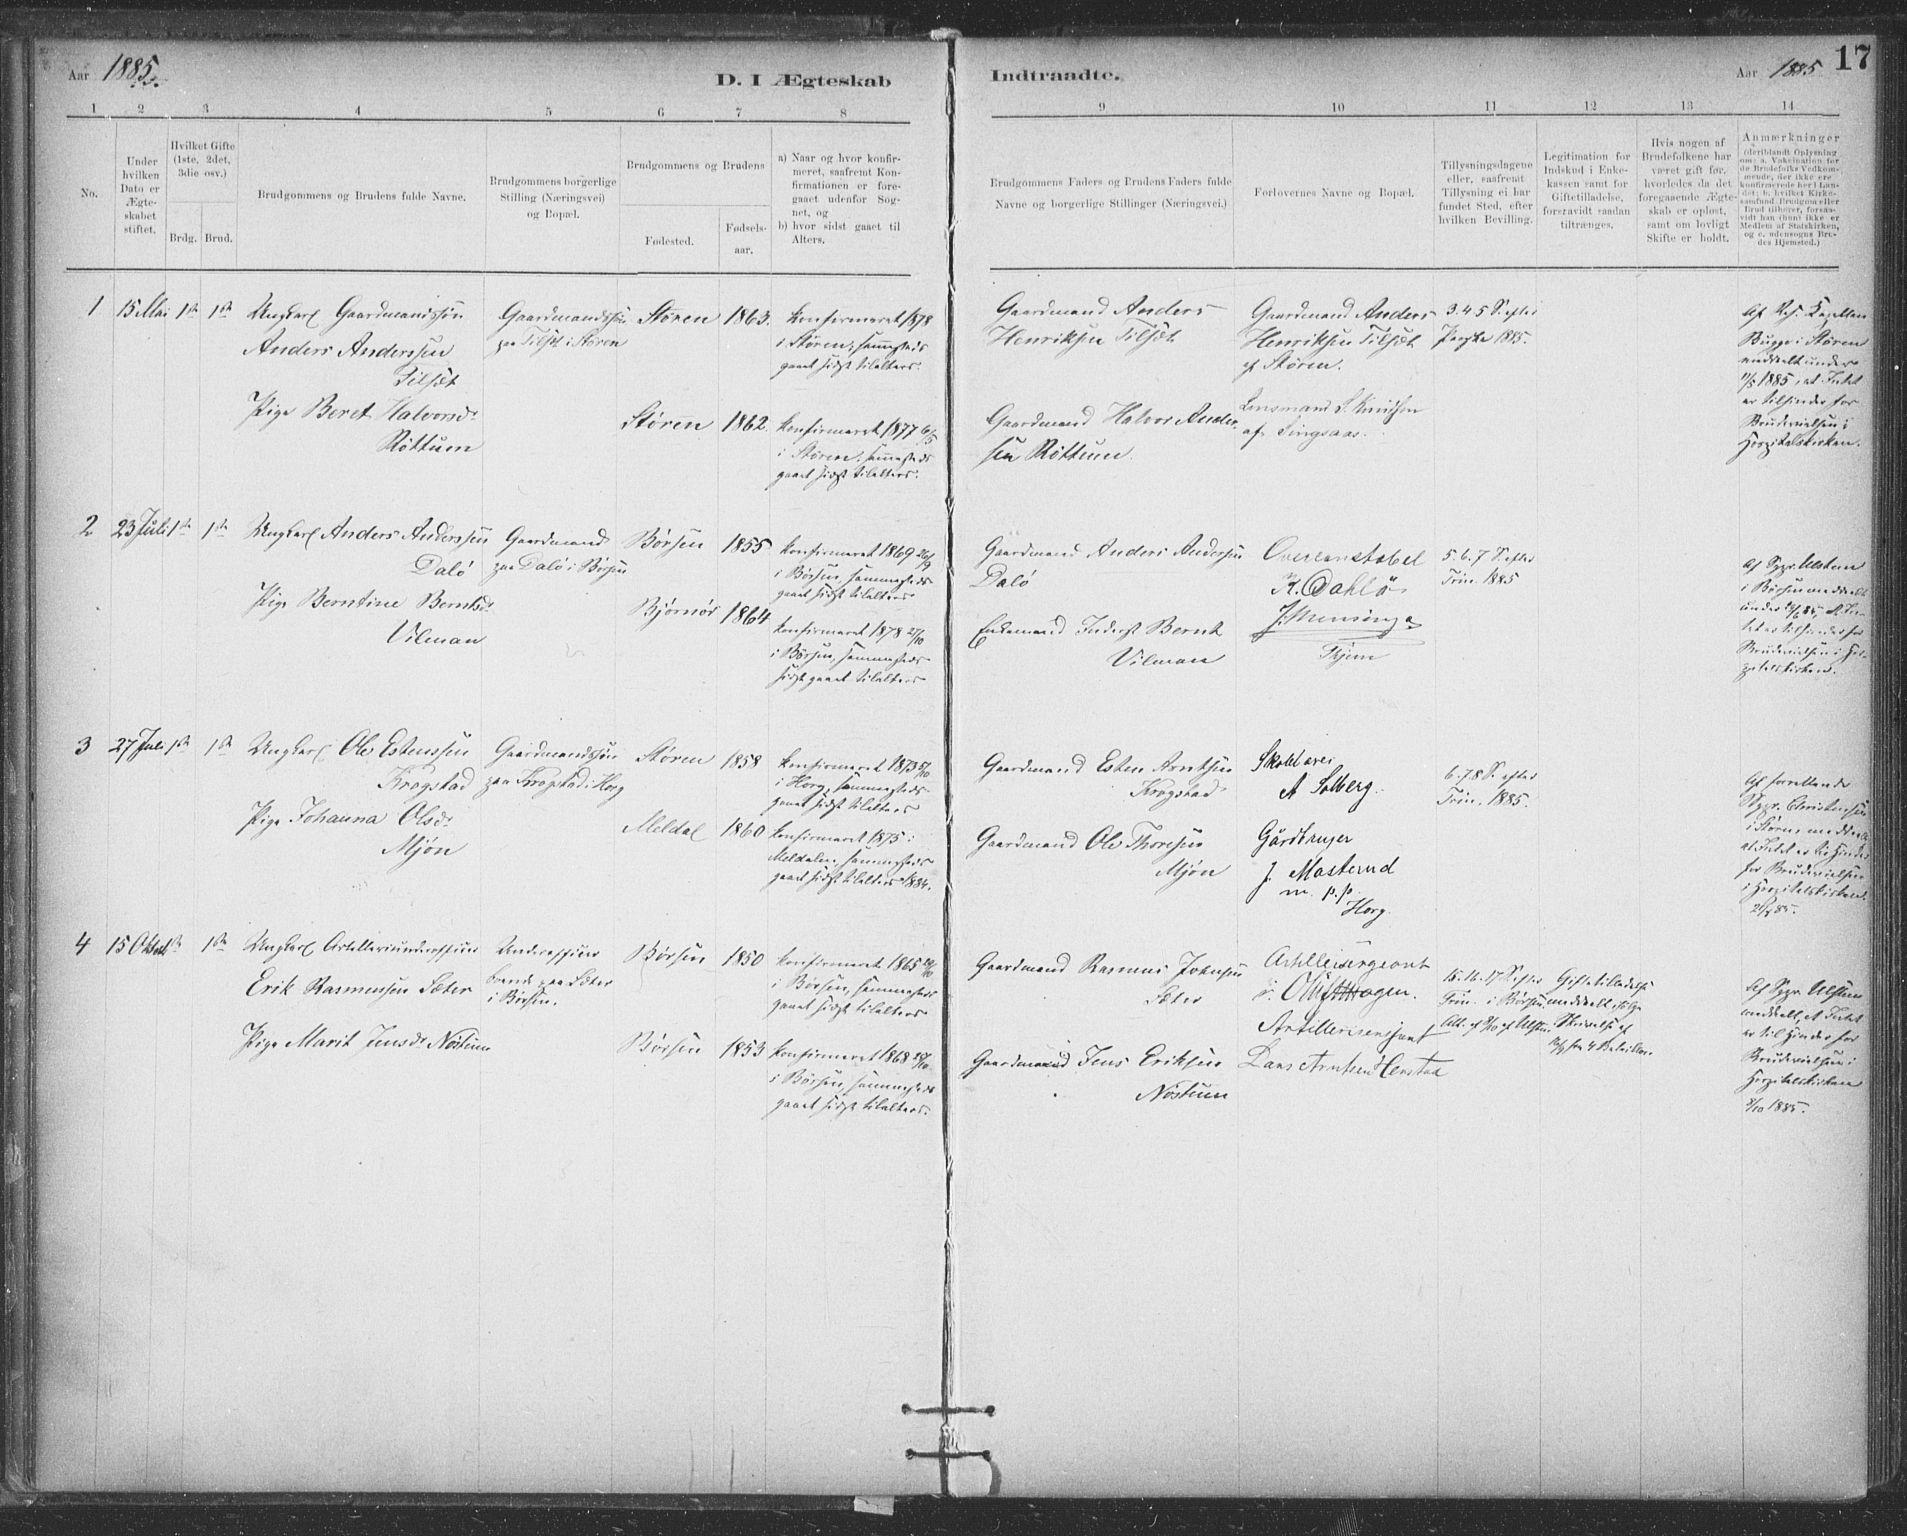 SAT, Ministerialprotokoller, klokkerbøker og fødselsregistre - Sør-Trøndelag, 623/L0470: Ministerialbok nr. 623A04, 1884-1938, s. 17